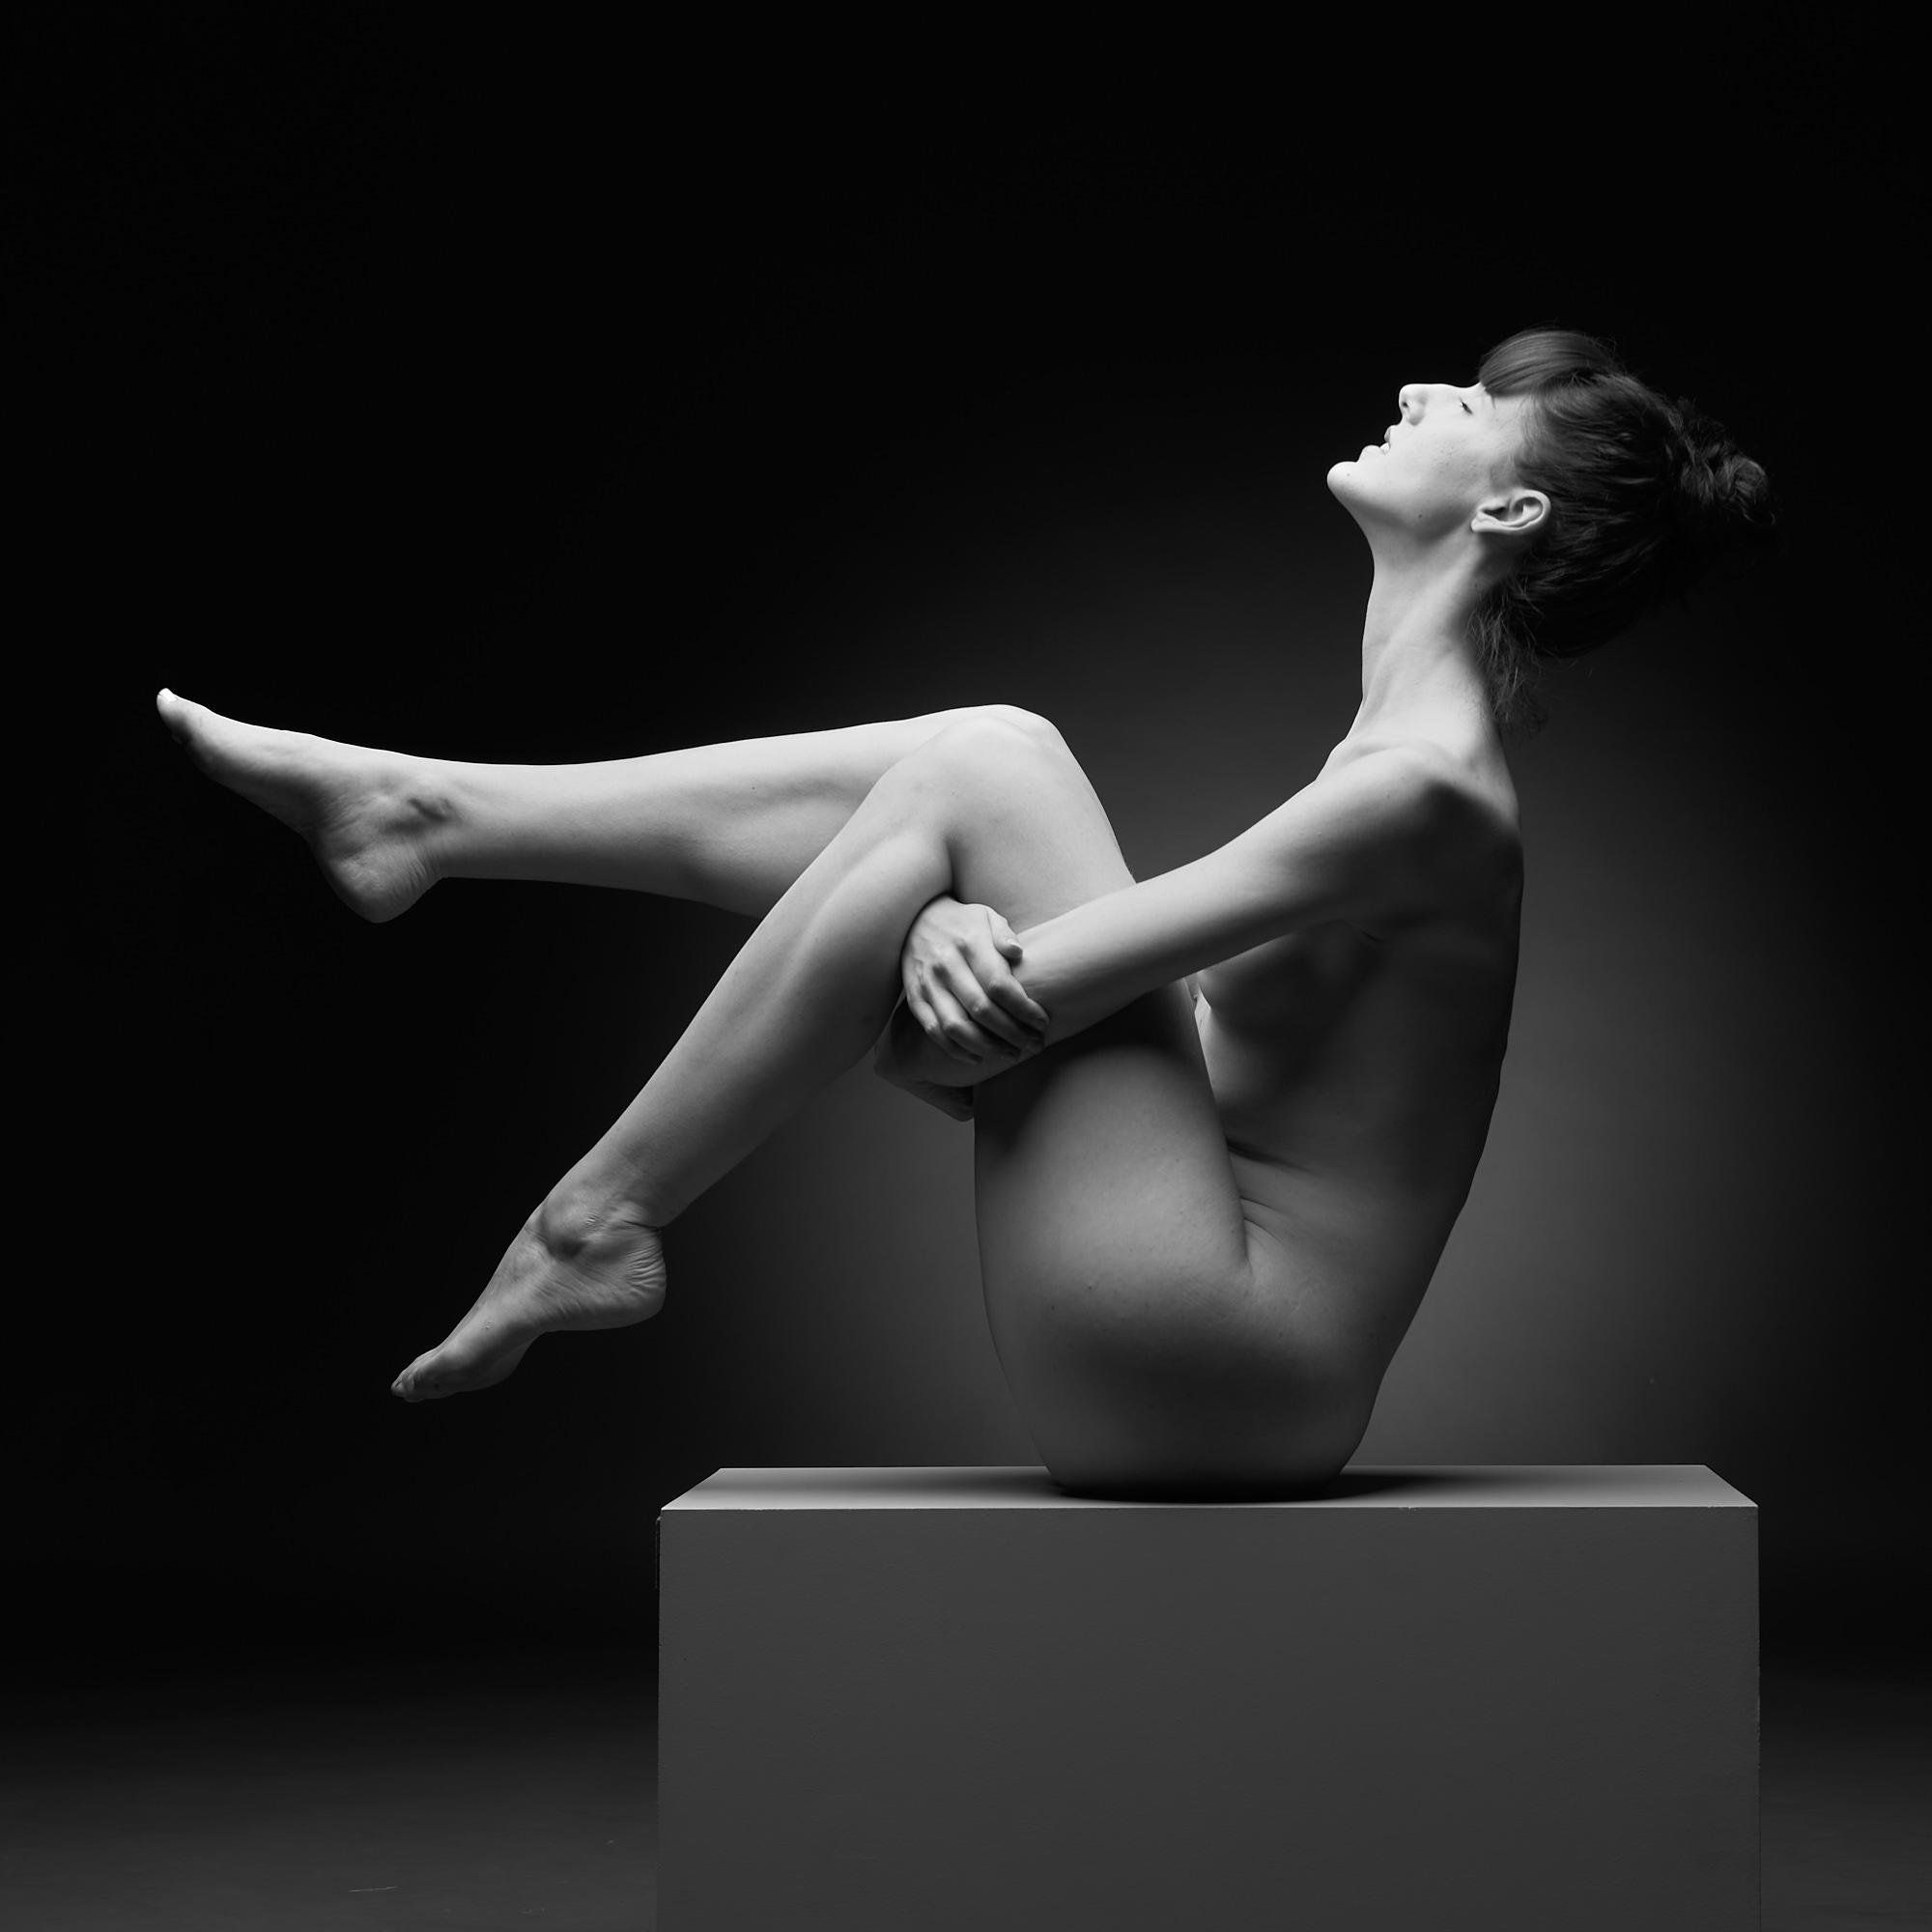 Une femme assise de profil